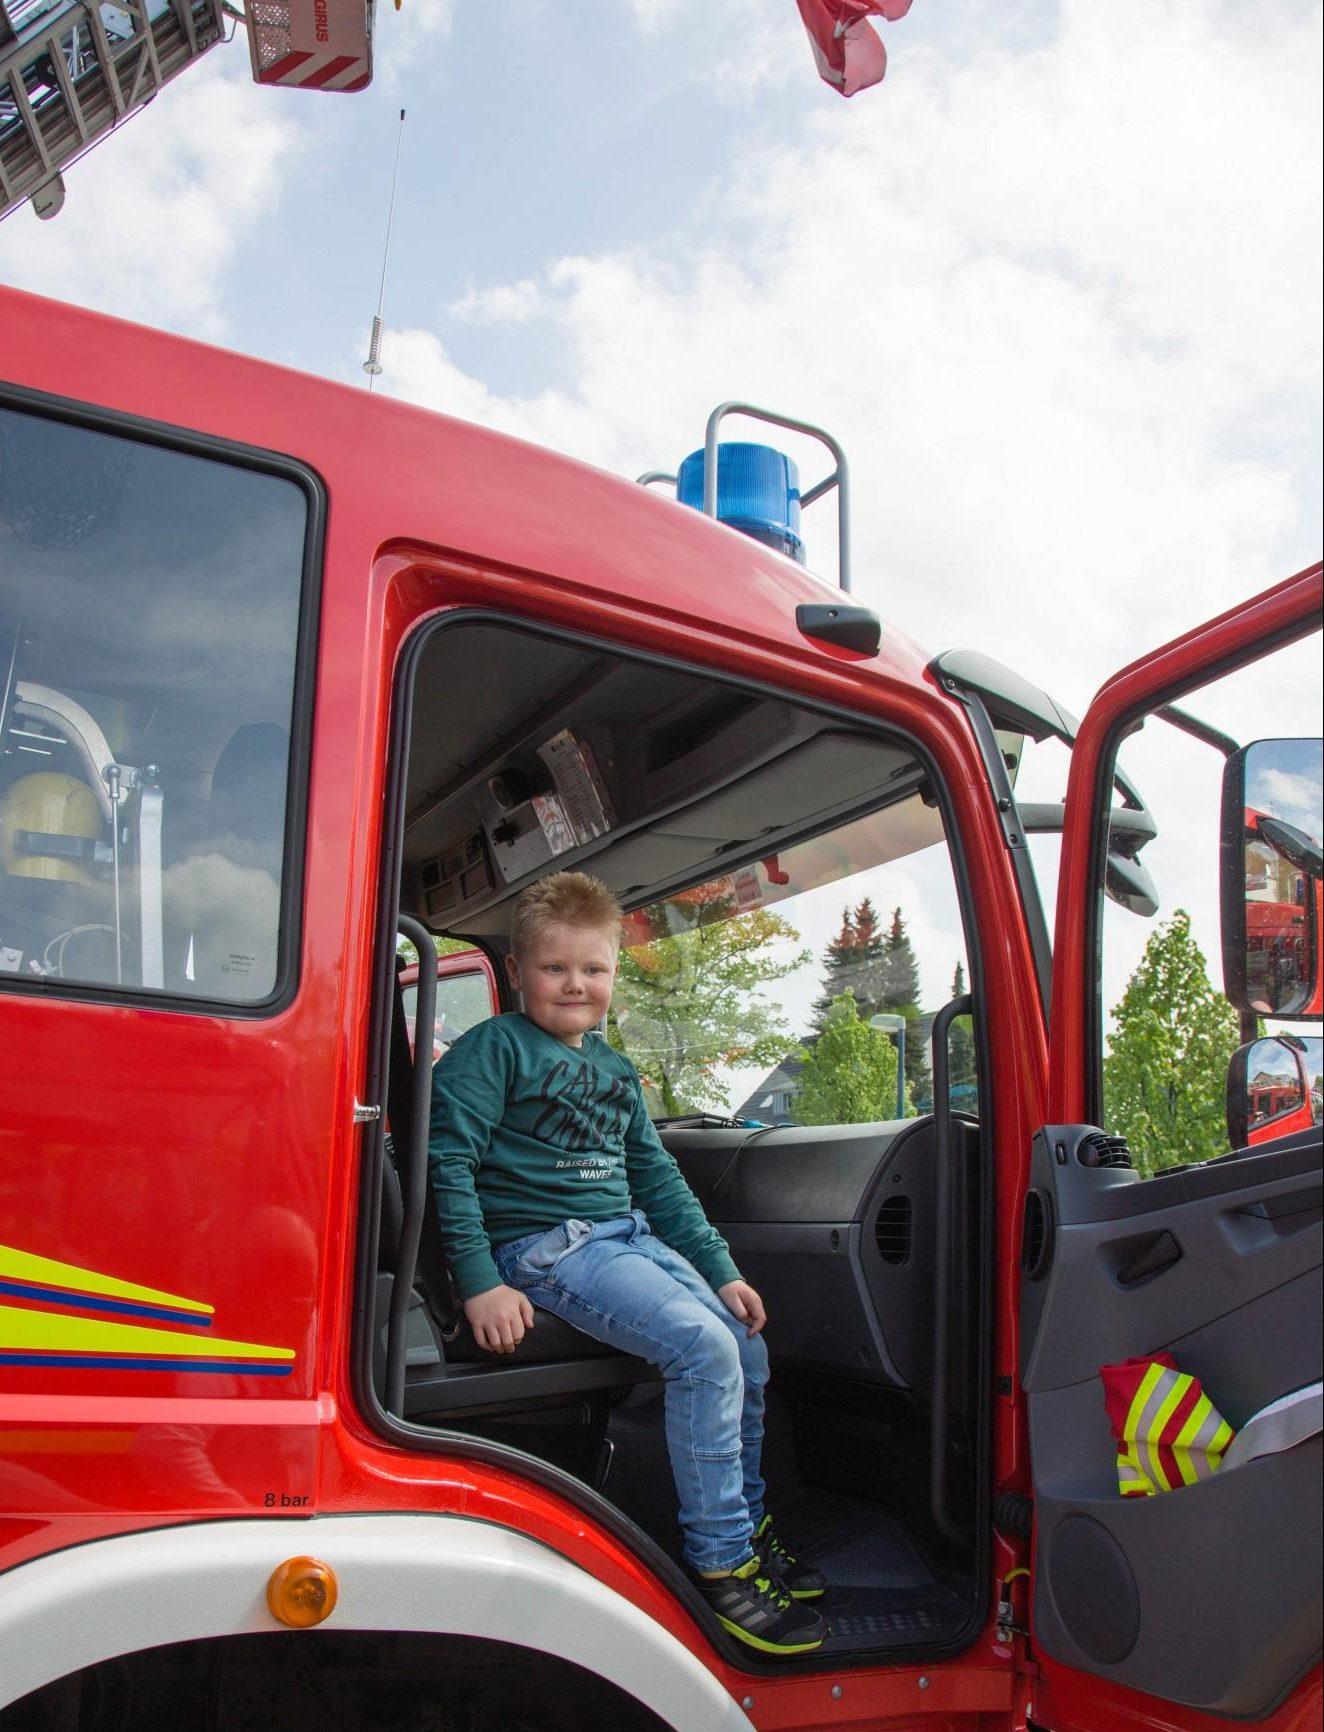 Da werden Kinderträume wahr: Die Kinder durften die die Feuerwehrautos klettern und die Fahrzeuge auch von Innen untersuchen. (Foto: P. Gräber - Emscherblog.de)